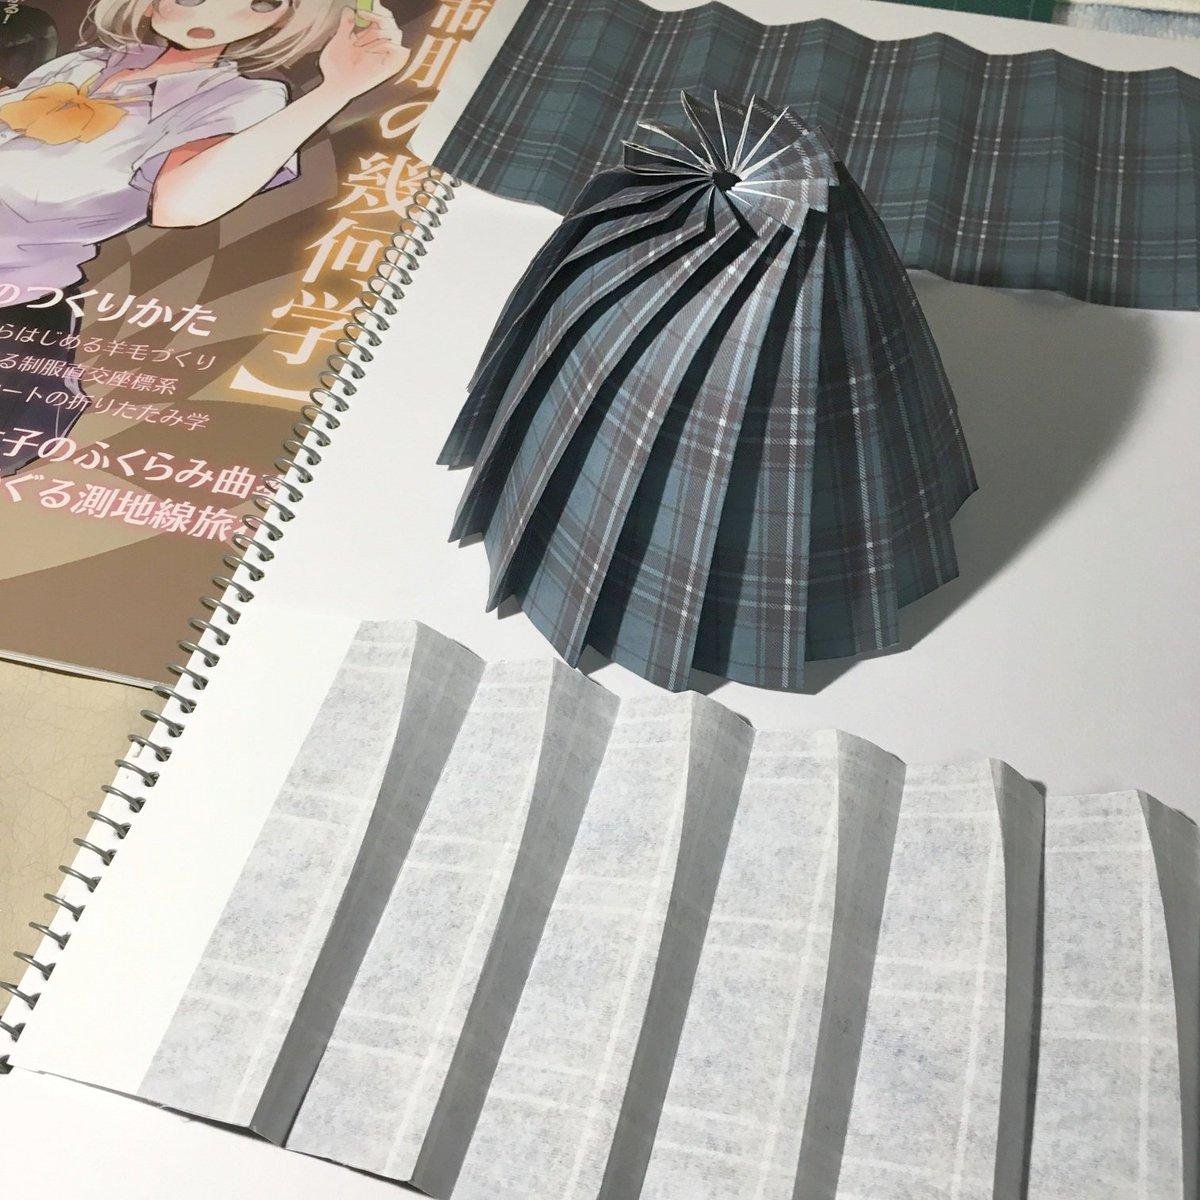 「プリーツスカートの展開面は長方形」という驚きの事実を再確認すべく、プリーツスカート折り紙を作る。曲線折紙はほんと面白い(まんがは「制服の幾何学」より) https://t.co/lDPrQN6ApY